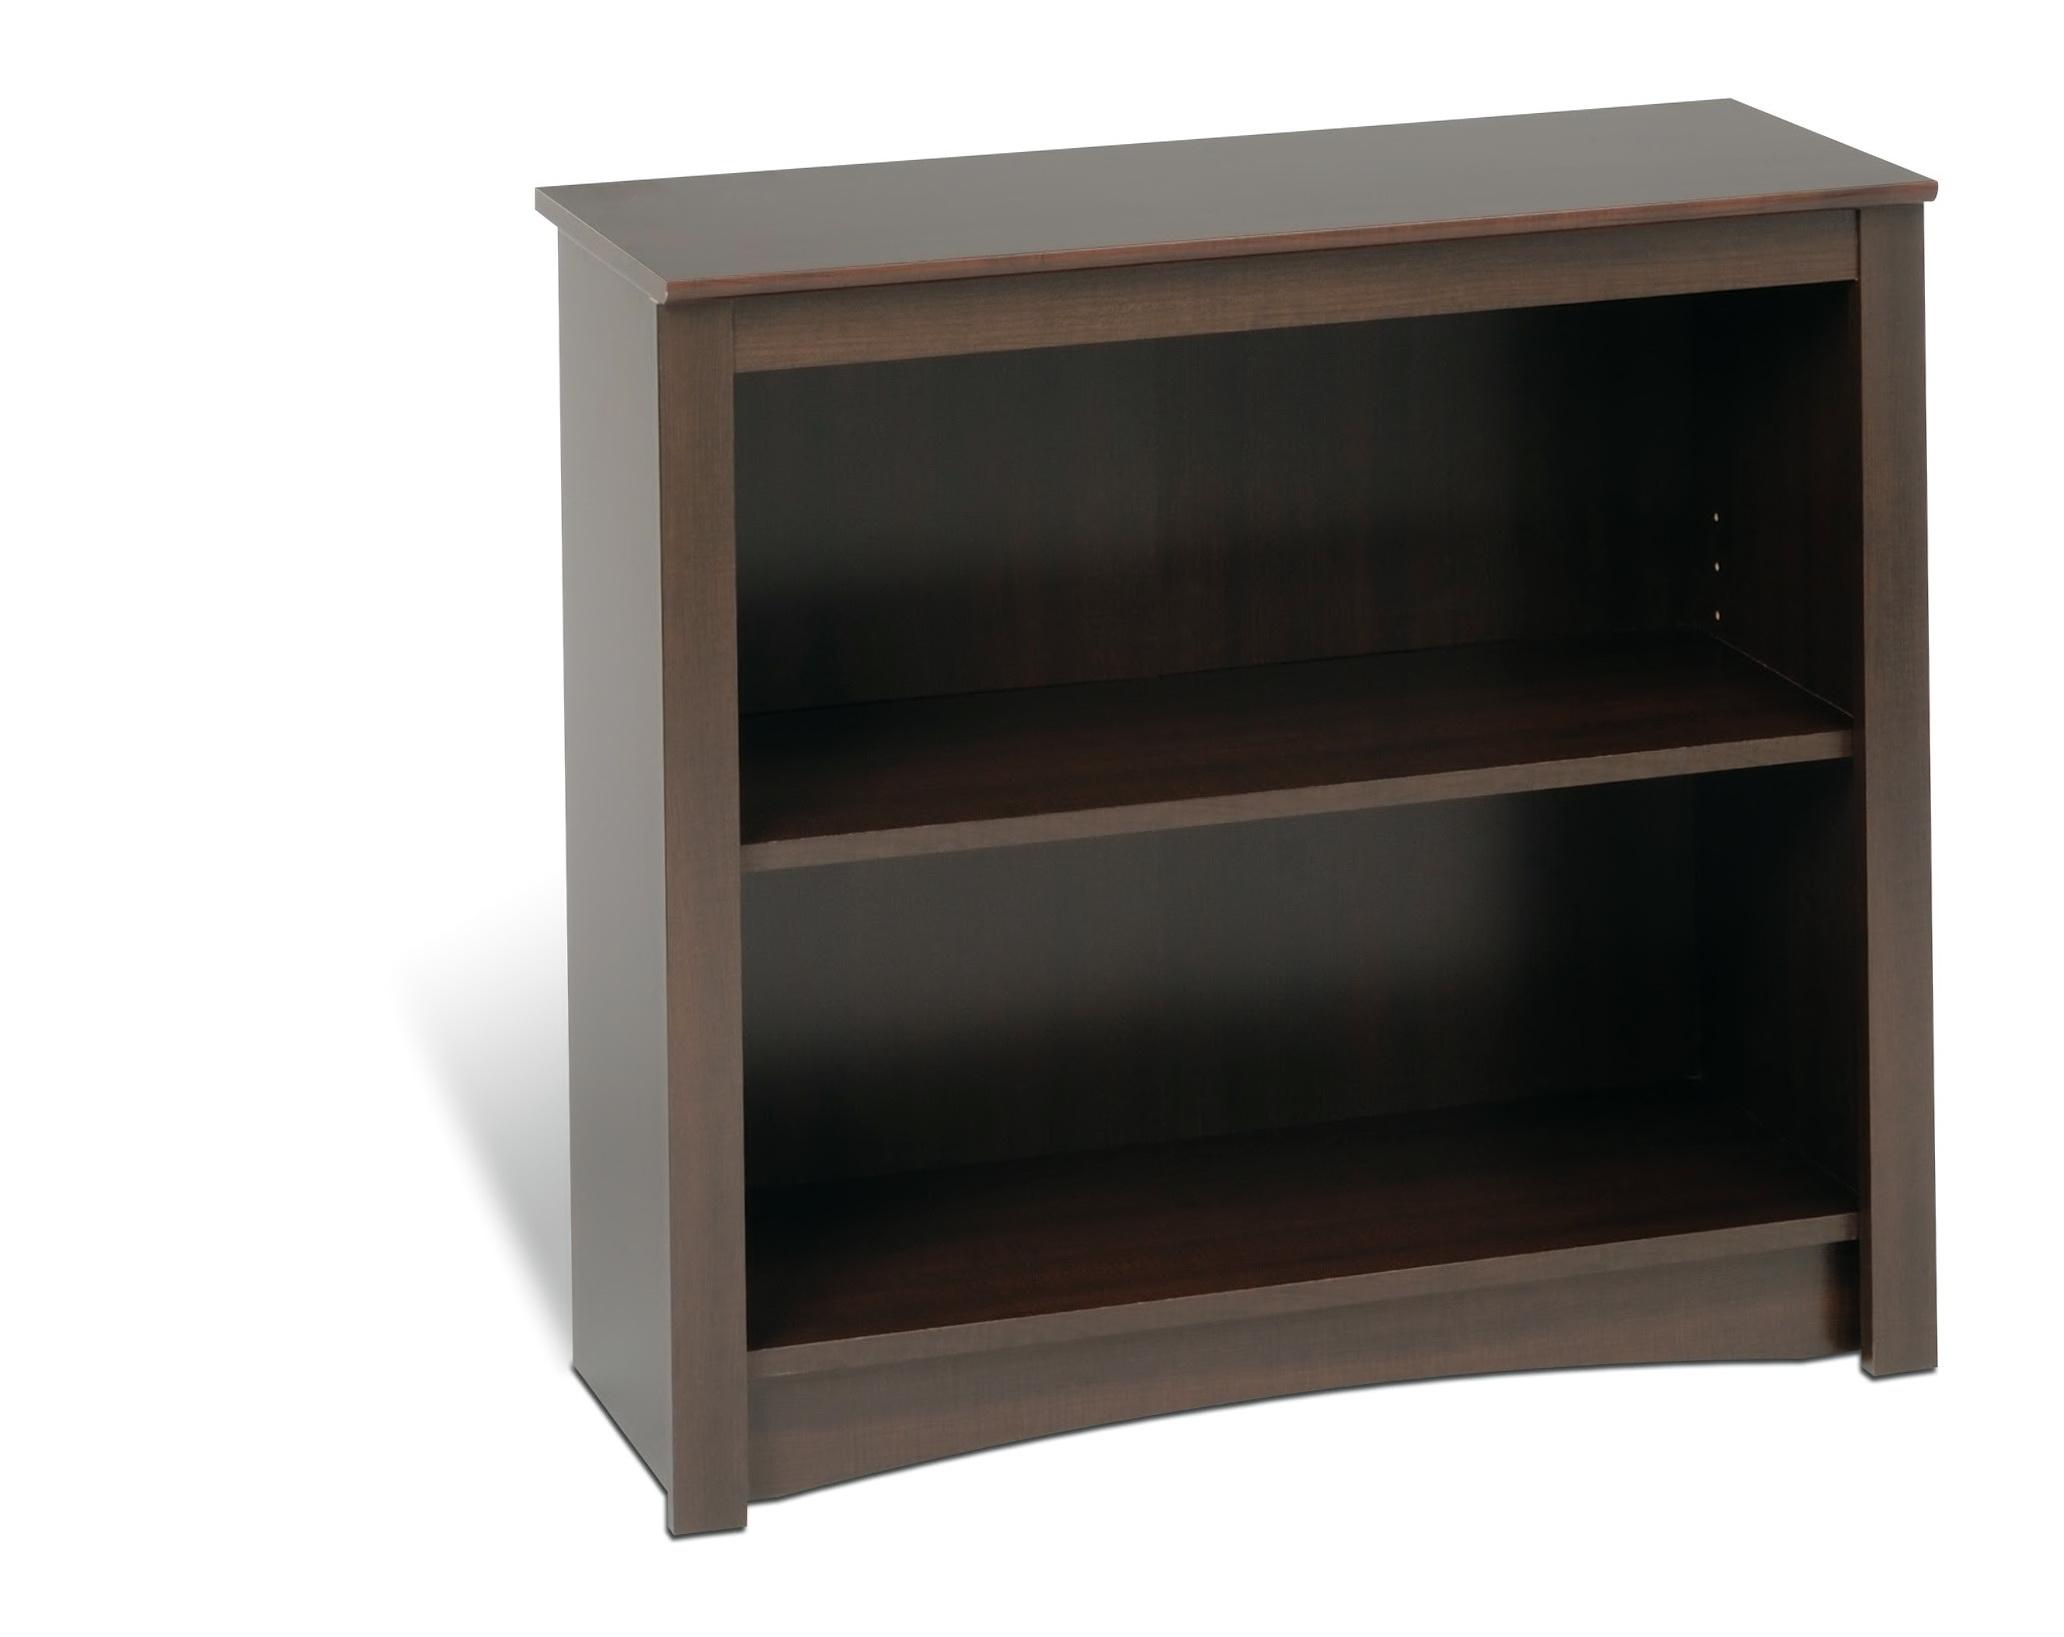 2 Shelf Bookcase Espresso